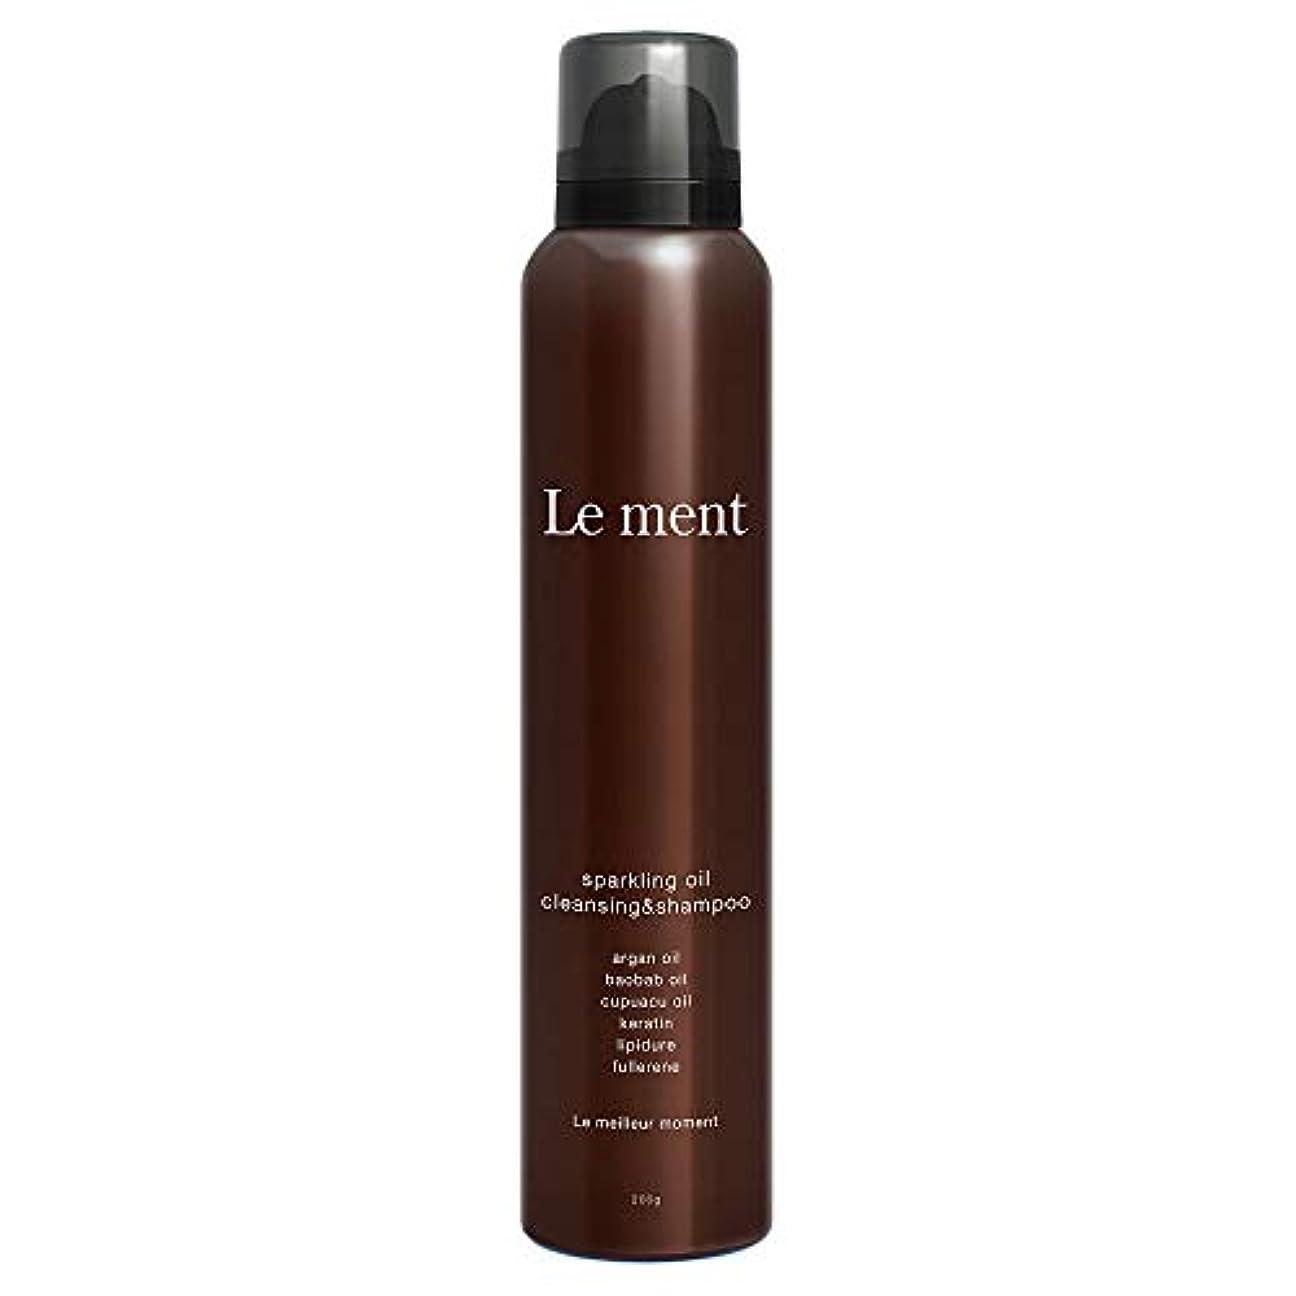 最初にキャリア遷移Le ment -sparkling oil cleansing & shampoo -